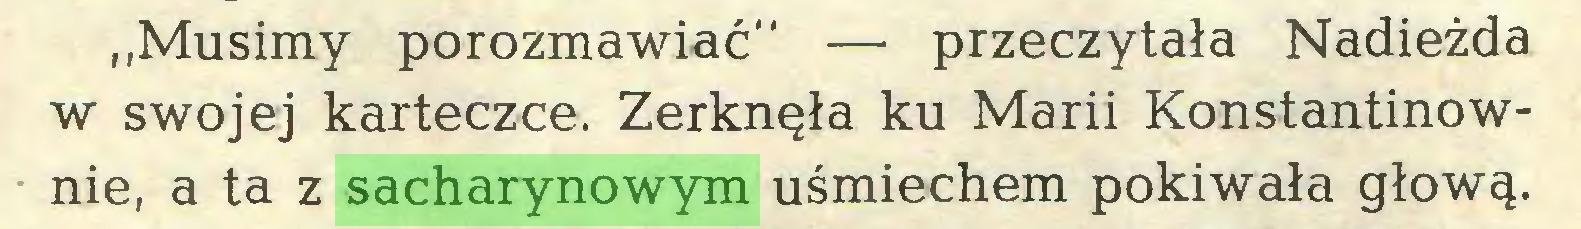 """(...) """"Musimy porozmawiać"""" — przeczytała Nadieżda w swojej karteczce. Zerknęła ku Marii Konstantinownie, a ta z sacharynowym uśmiechem pokiwała głową..."""